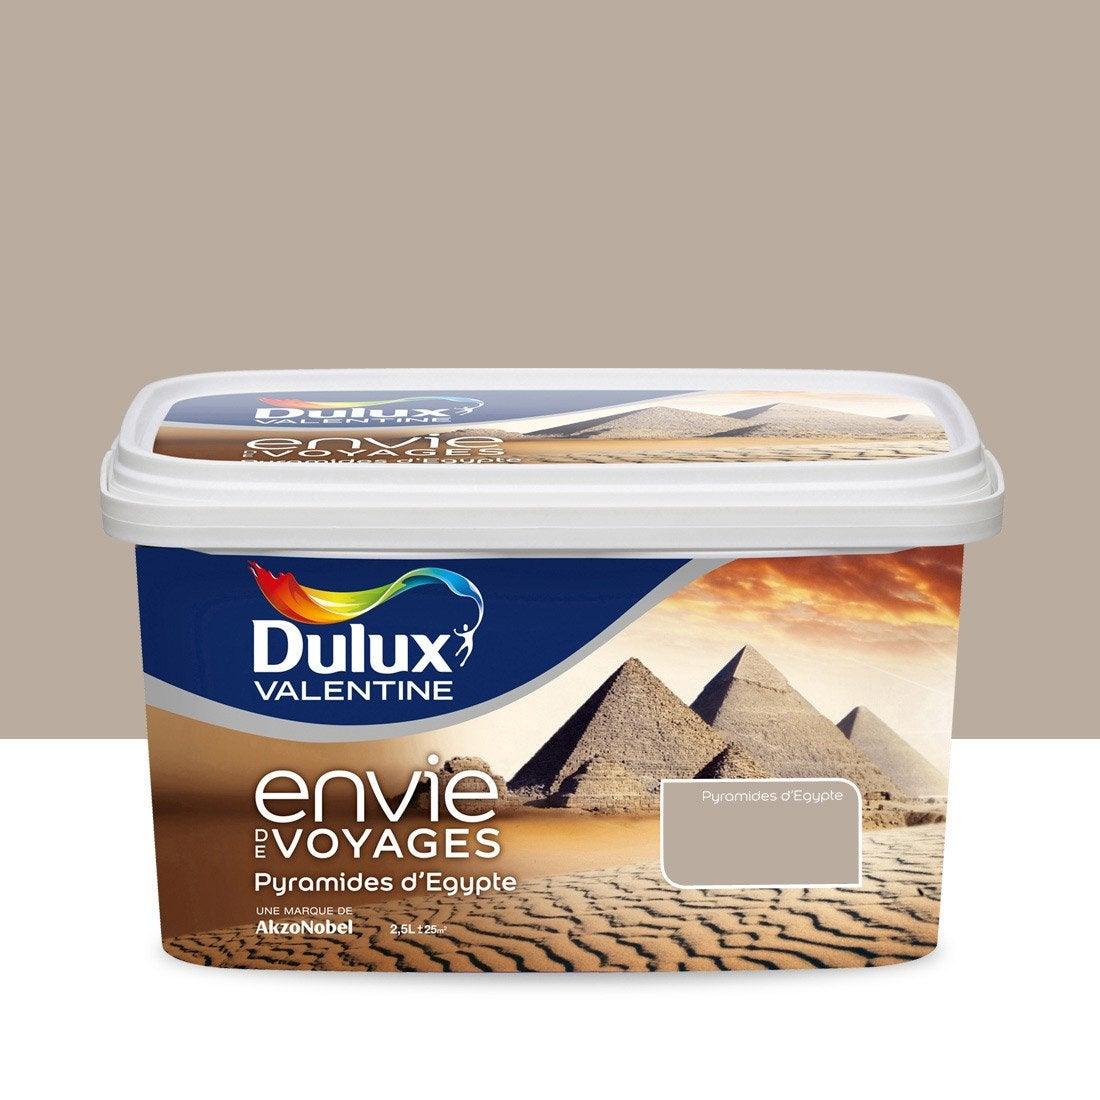 peinture envie de voyage dulux valentine beige pyramides d 39 egypte clair 2 5 l leroy merlin. Black Bedroom Furniture Sets. Home Design Ideas